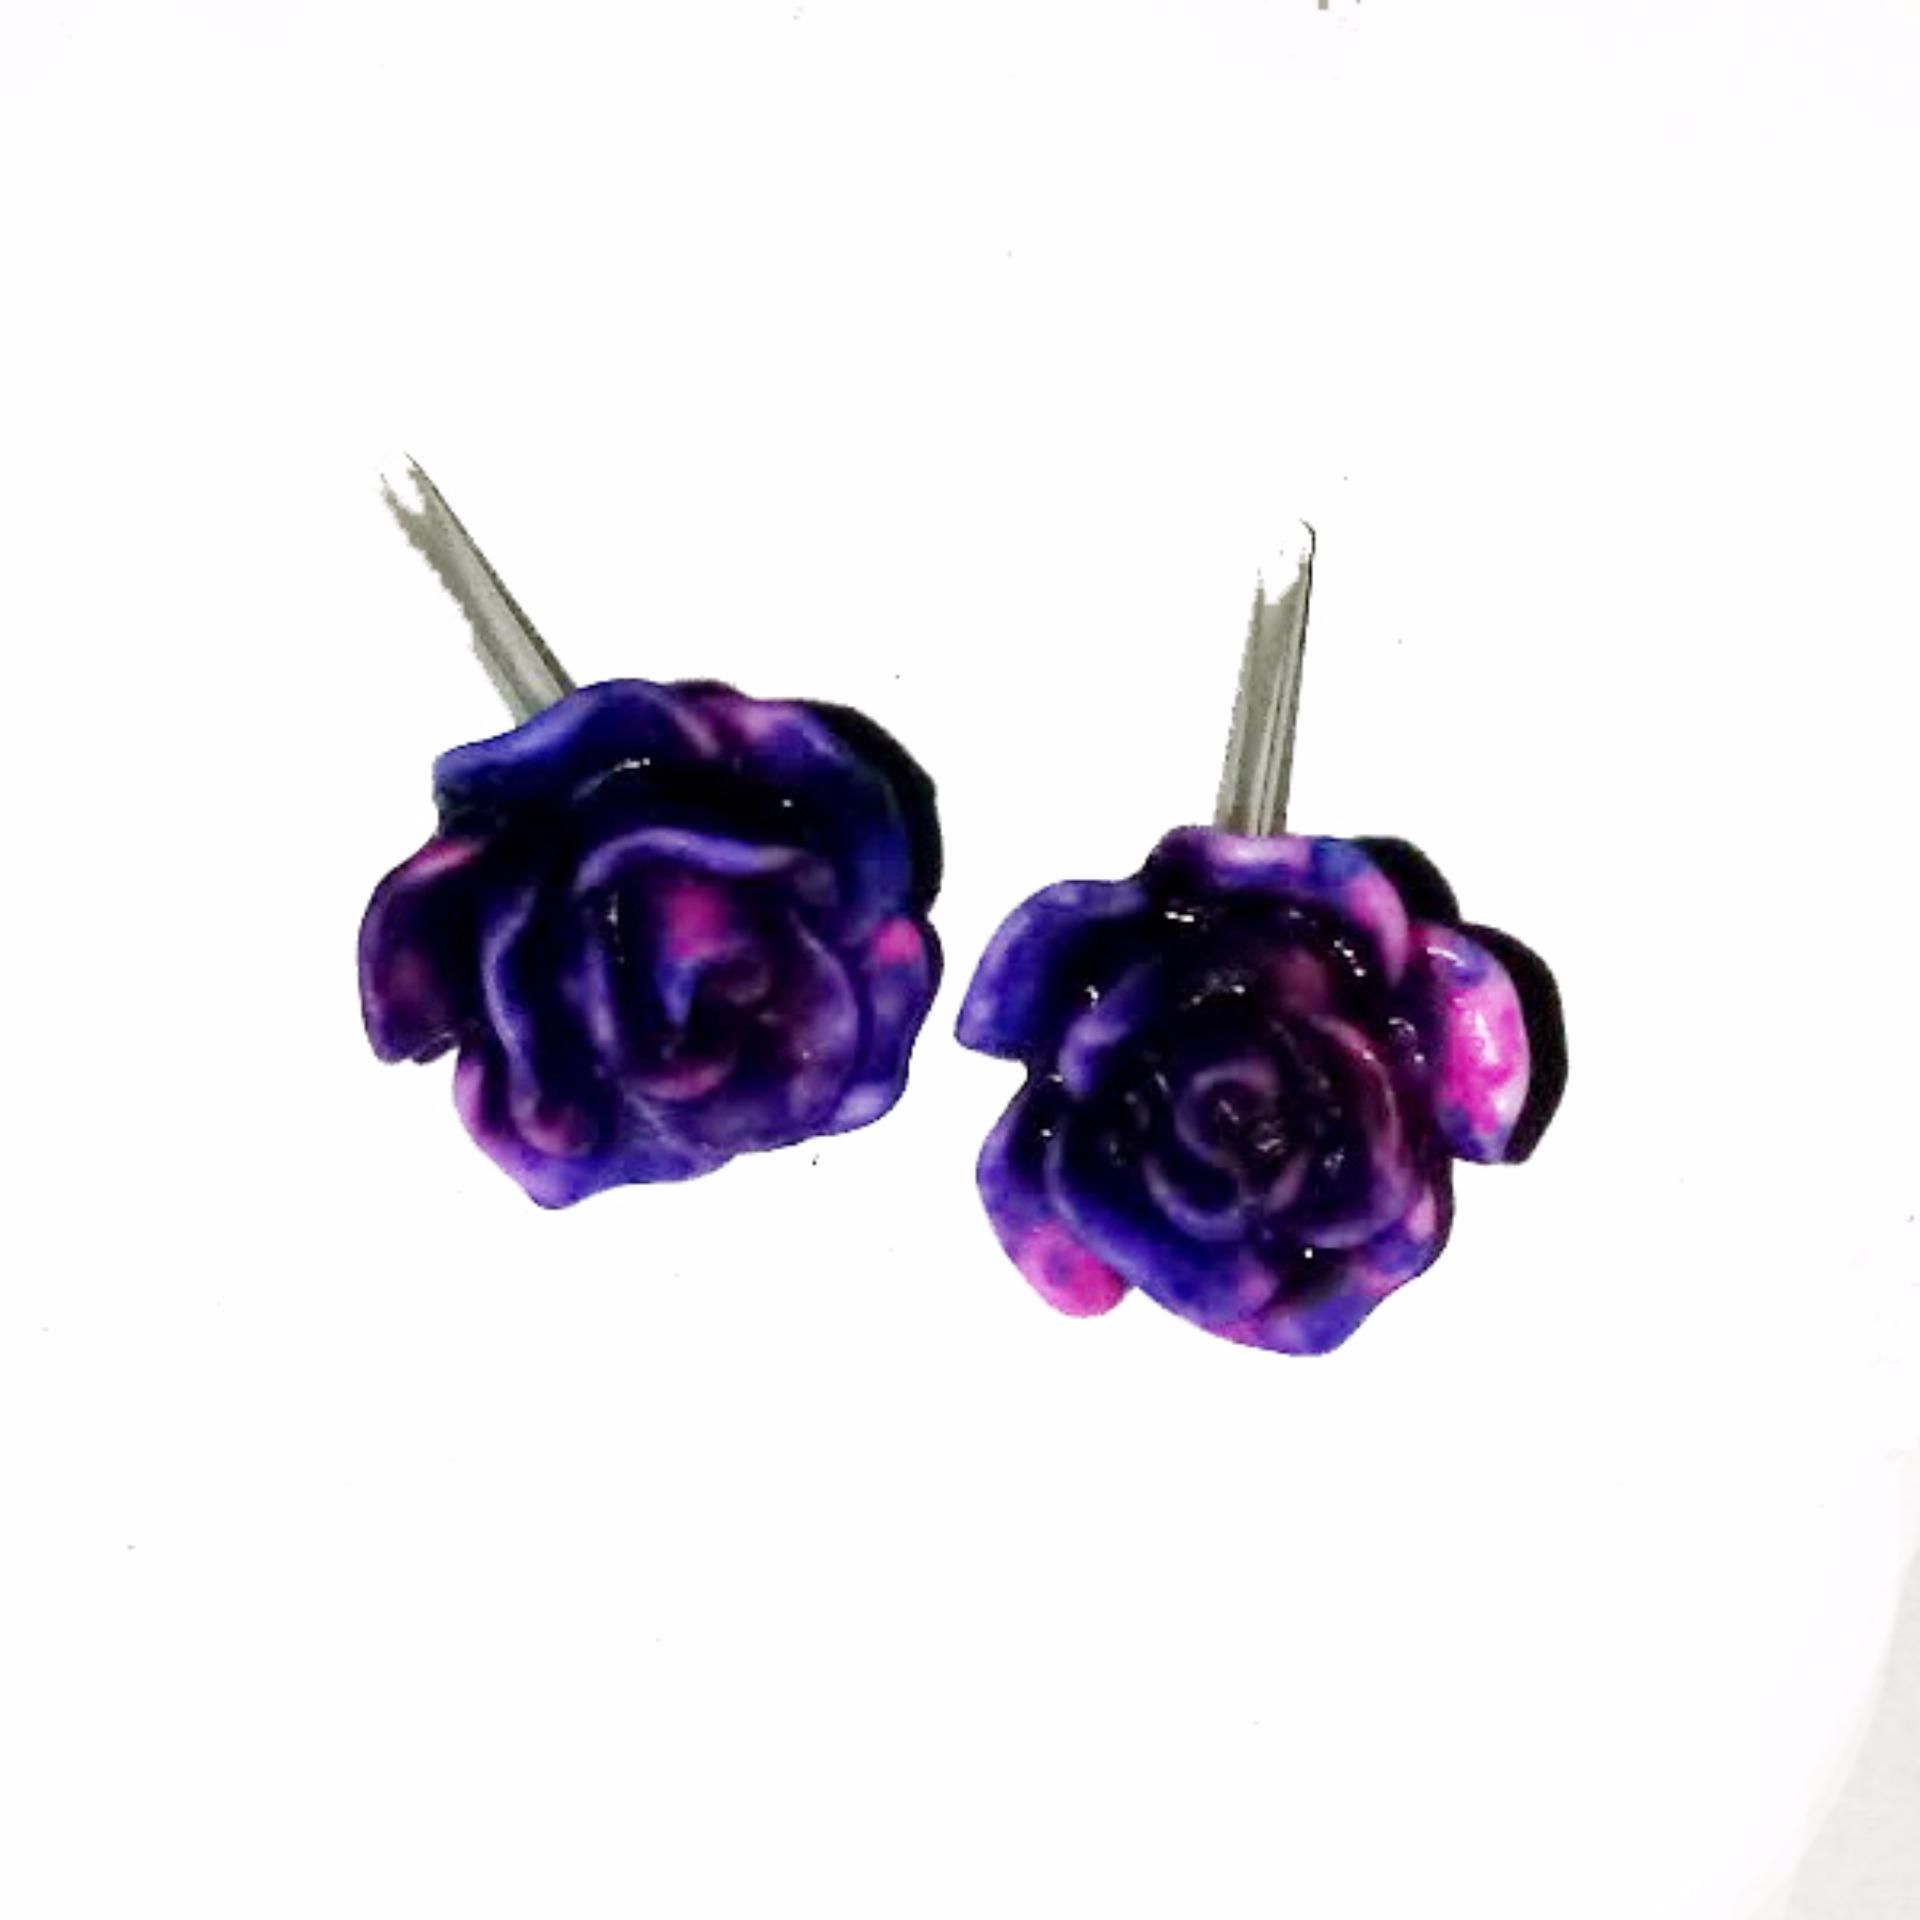 ... Anneui EE0335 Anting Tusuk Model Bunga Cantik Dengan Warna Mix